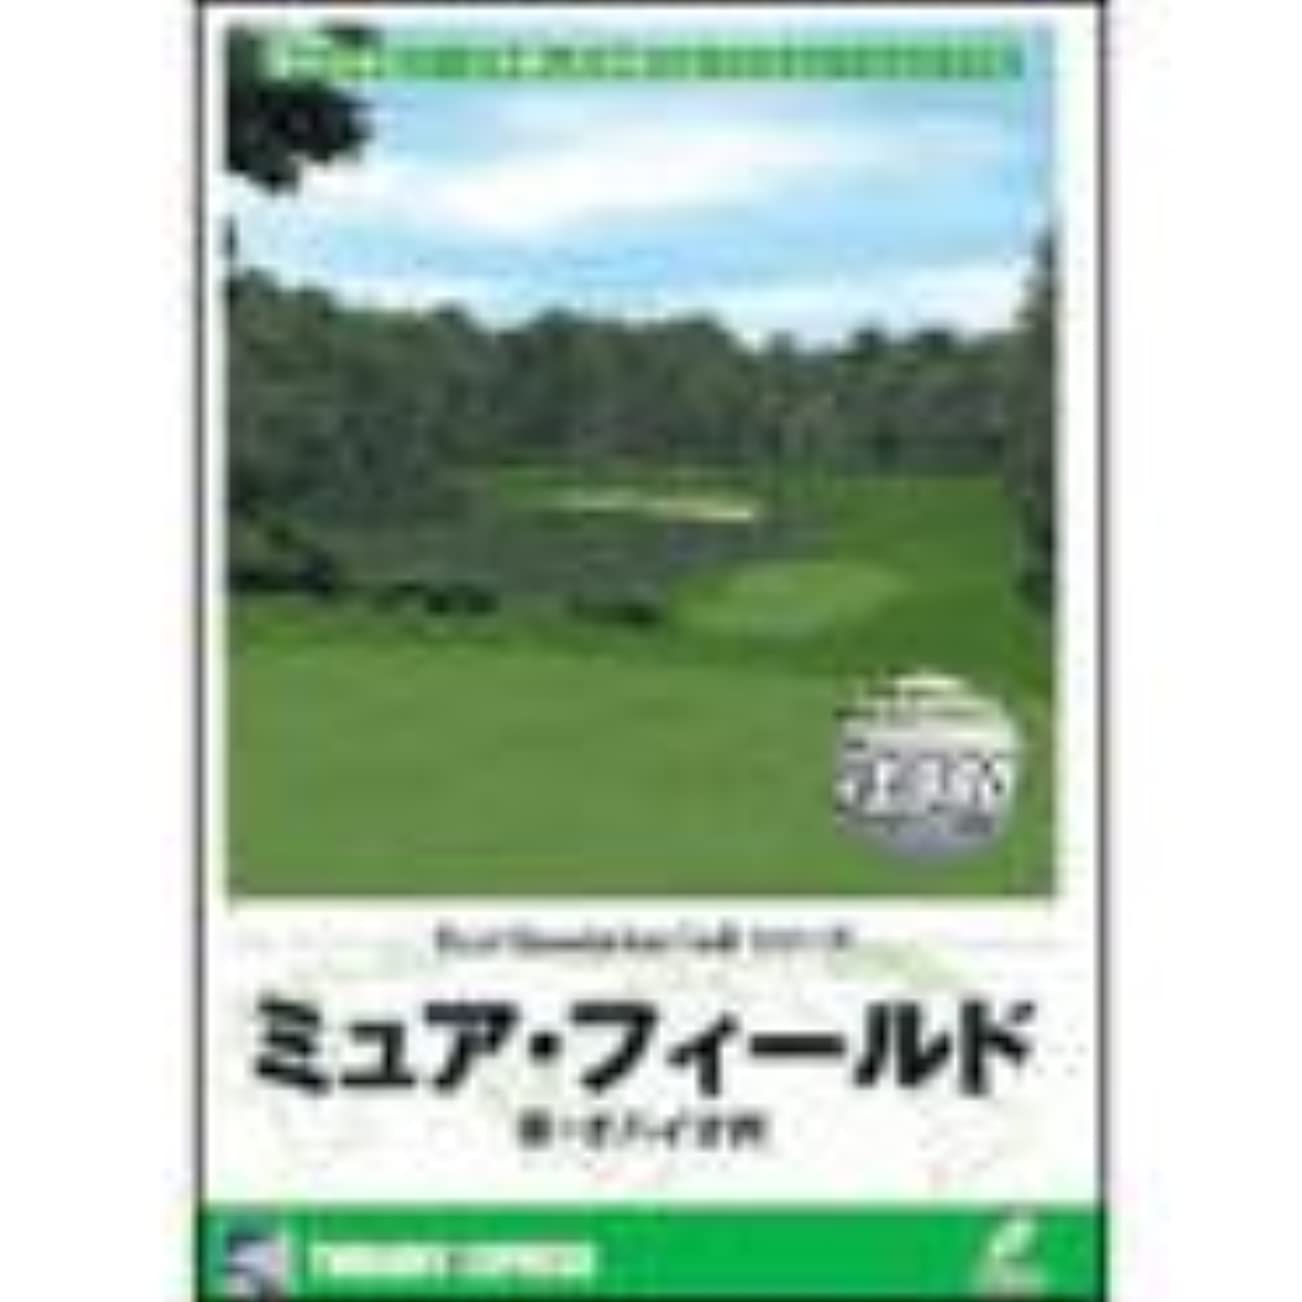 八百屋不利同様のリアルシミュレーションゴルフシリーズ 海外コース 5 ミュア?フィールド 米?オハイオ州